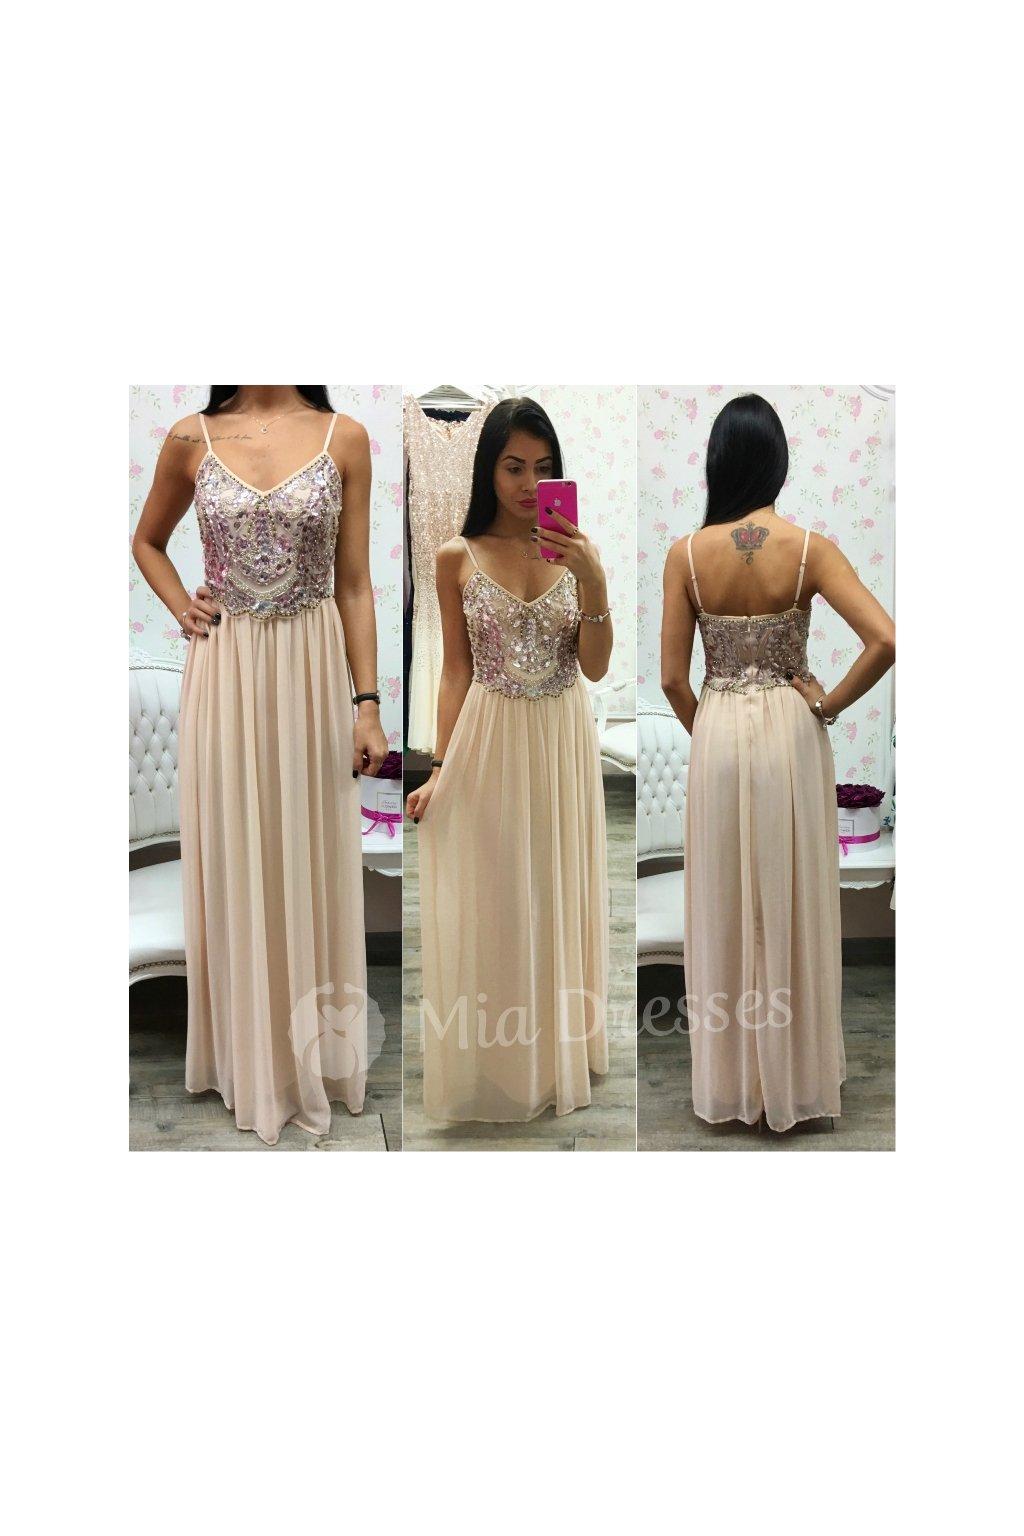 59e9e5423128 Telové šifónové spoločenské šaty - Mia Dresses